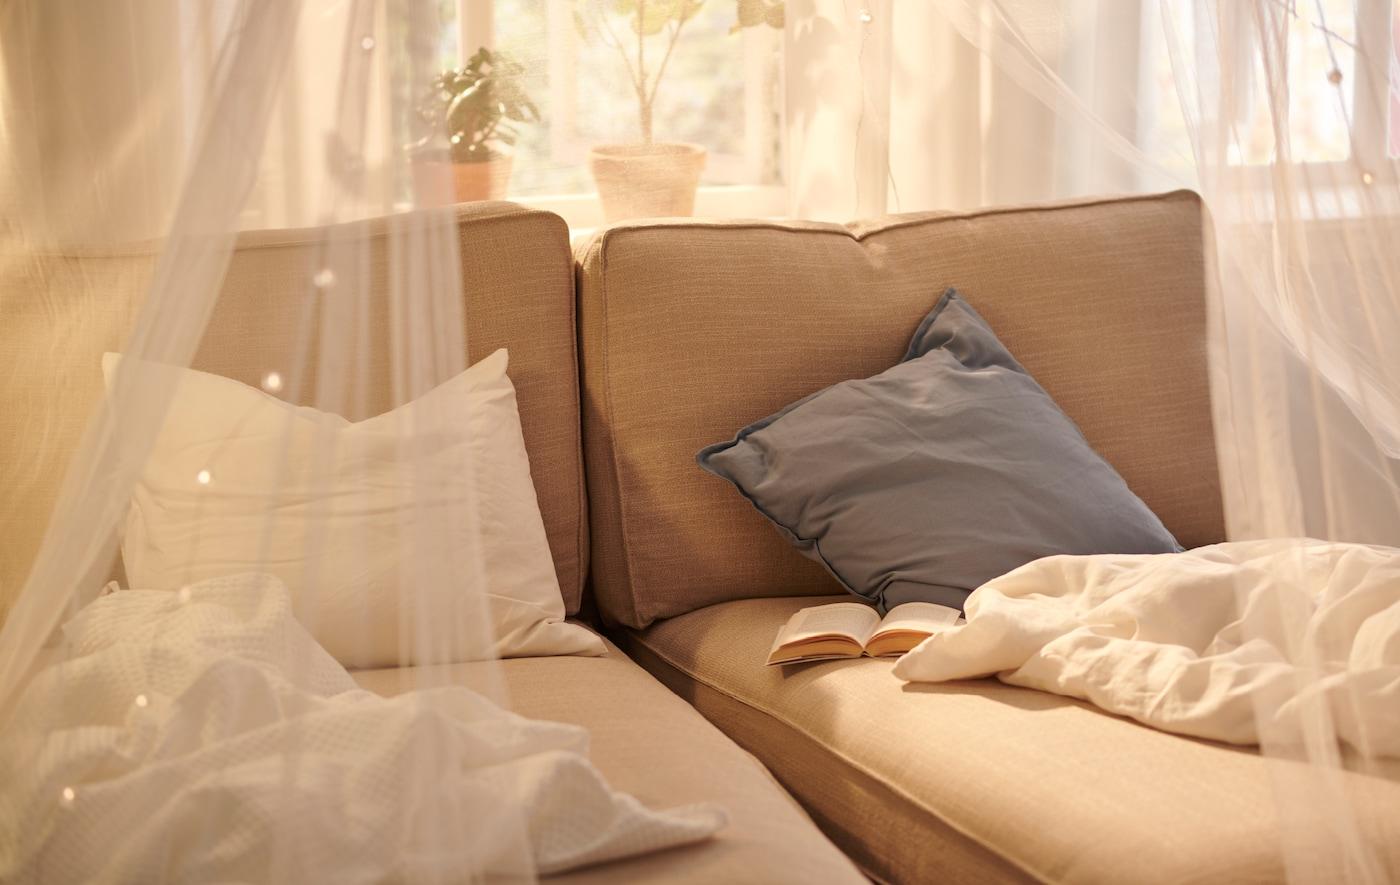 2 beige KIVIK chaiselonger placeret side om side ved et solfyldt vindue. Der ligger en bog og sengetæpper på dem, og et SOLIG net er draperet over dem.